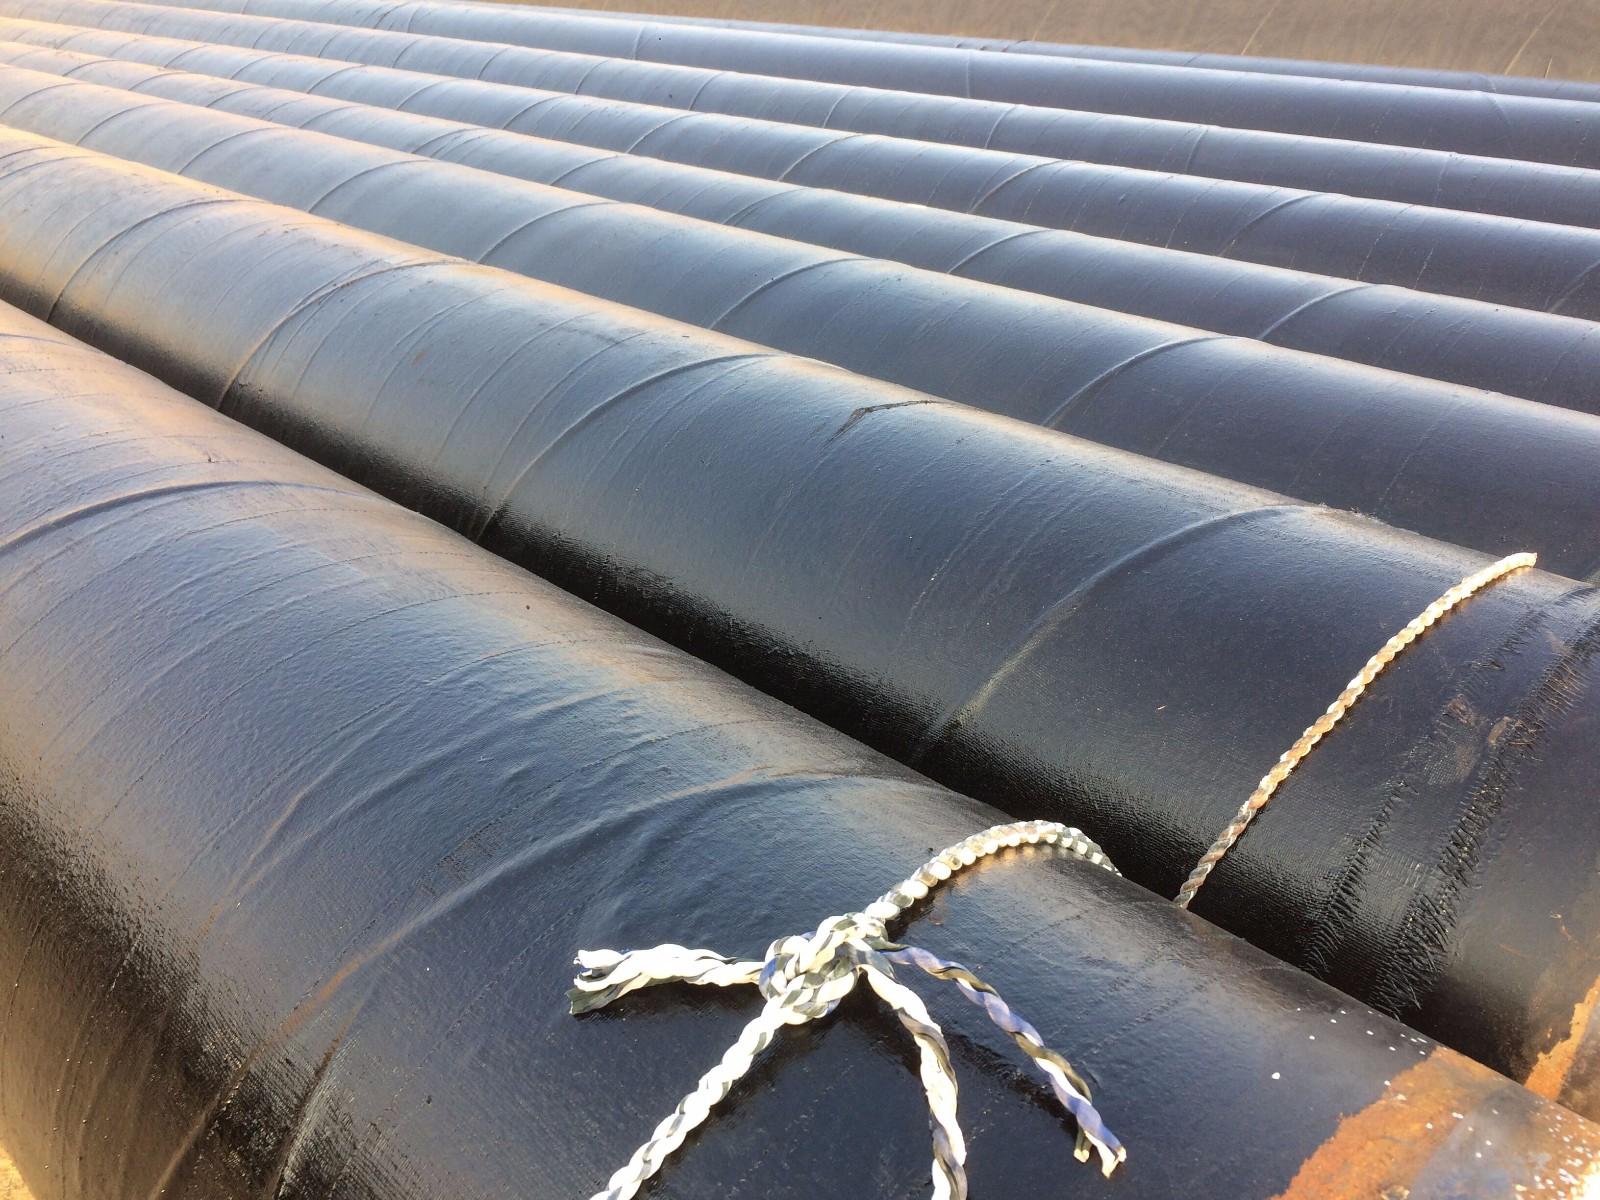 無縫鋼管環氧煤瀝青五油三布|環氧煤瀝青防腐-滄州市鑫宜達鋼管集團股份有限公司.